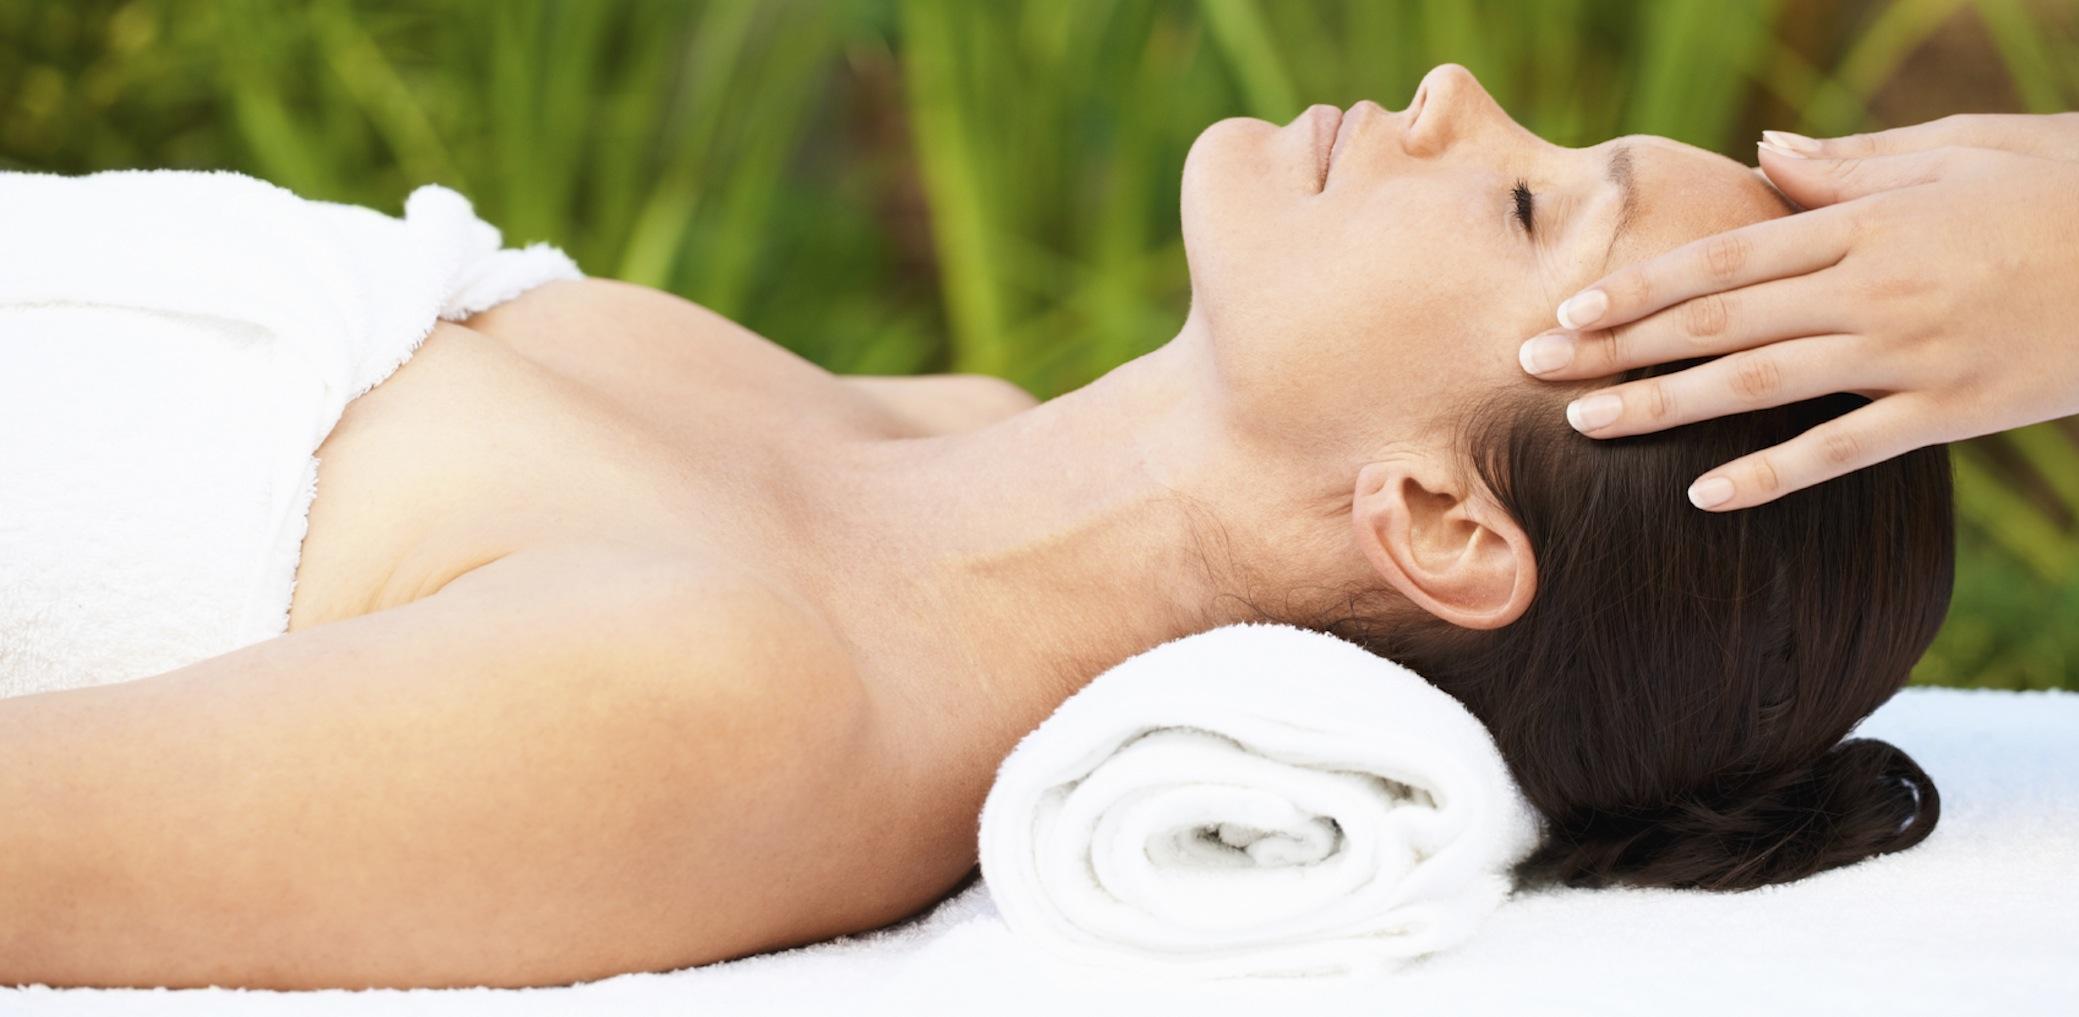 Bien être : 3 techniques de massage qui forment un tout